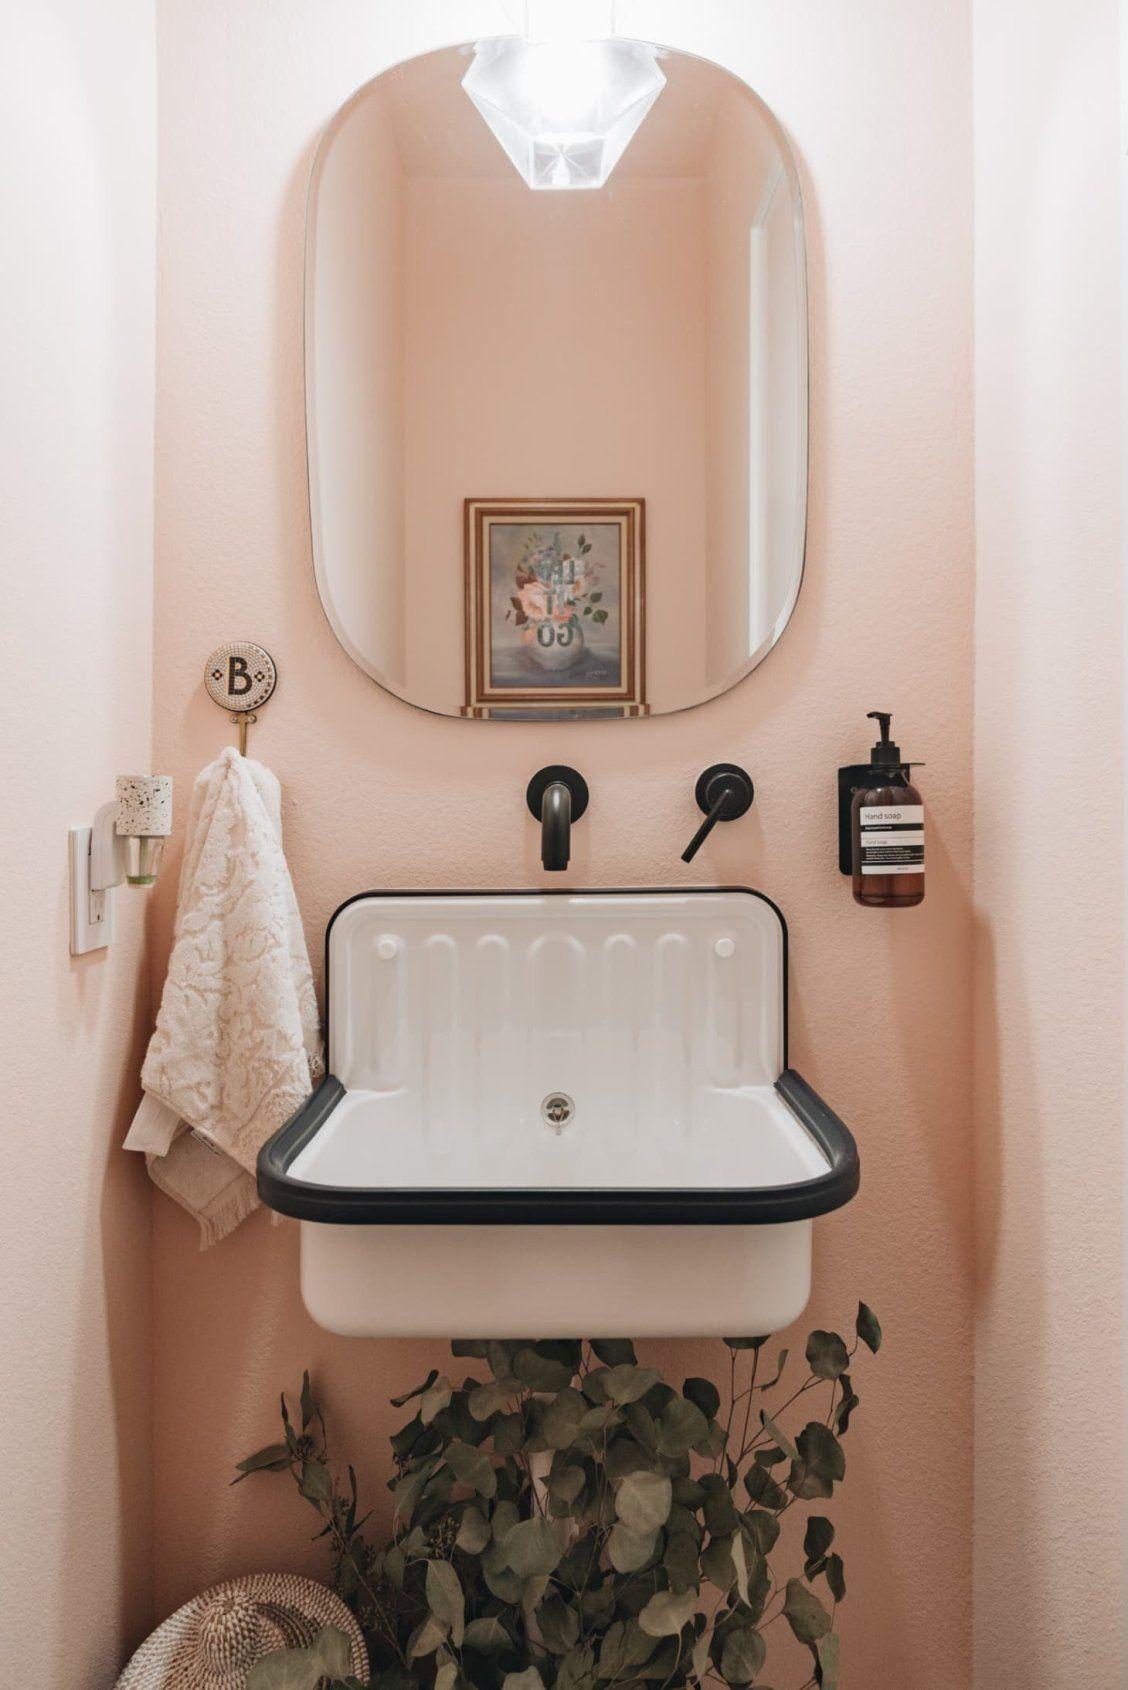 A Modern, sonst Monochrome Haus hat eine Edel Pink Guest Washroom